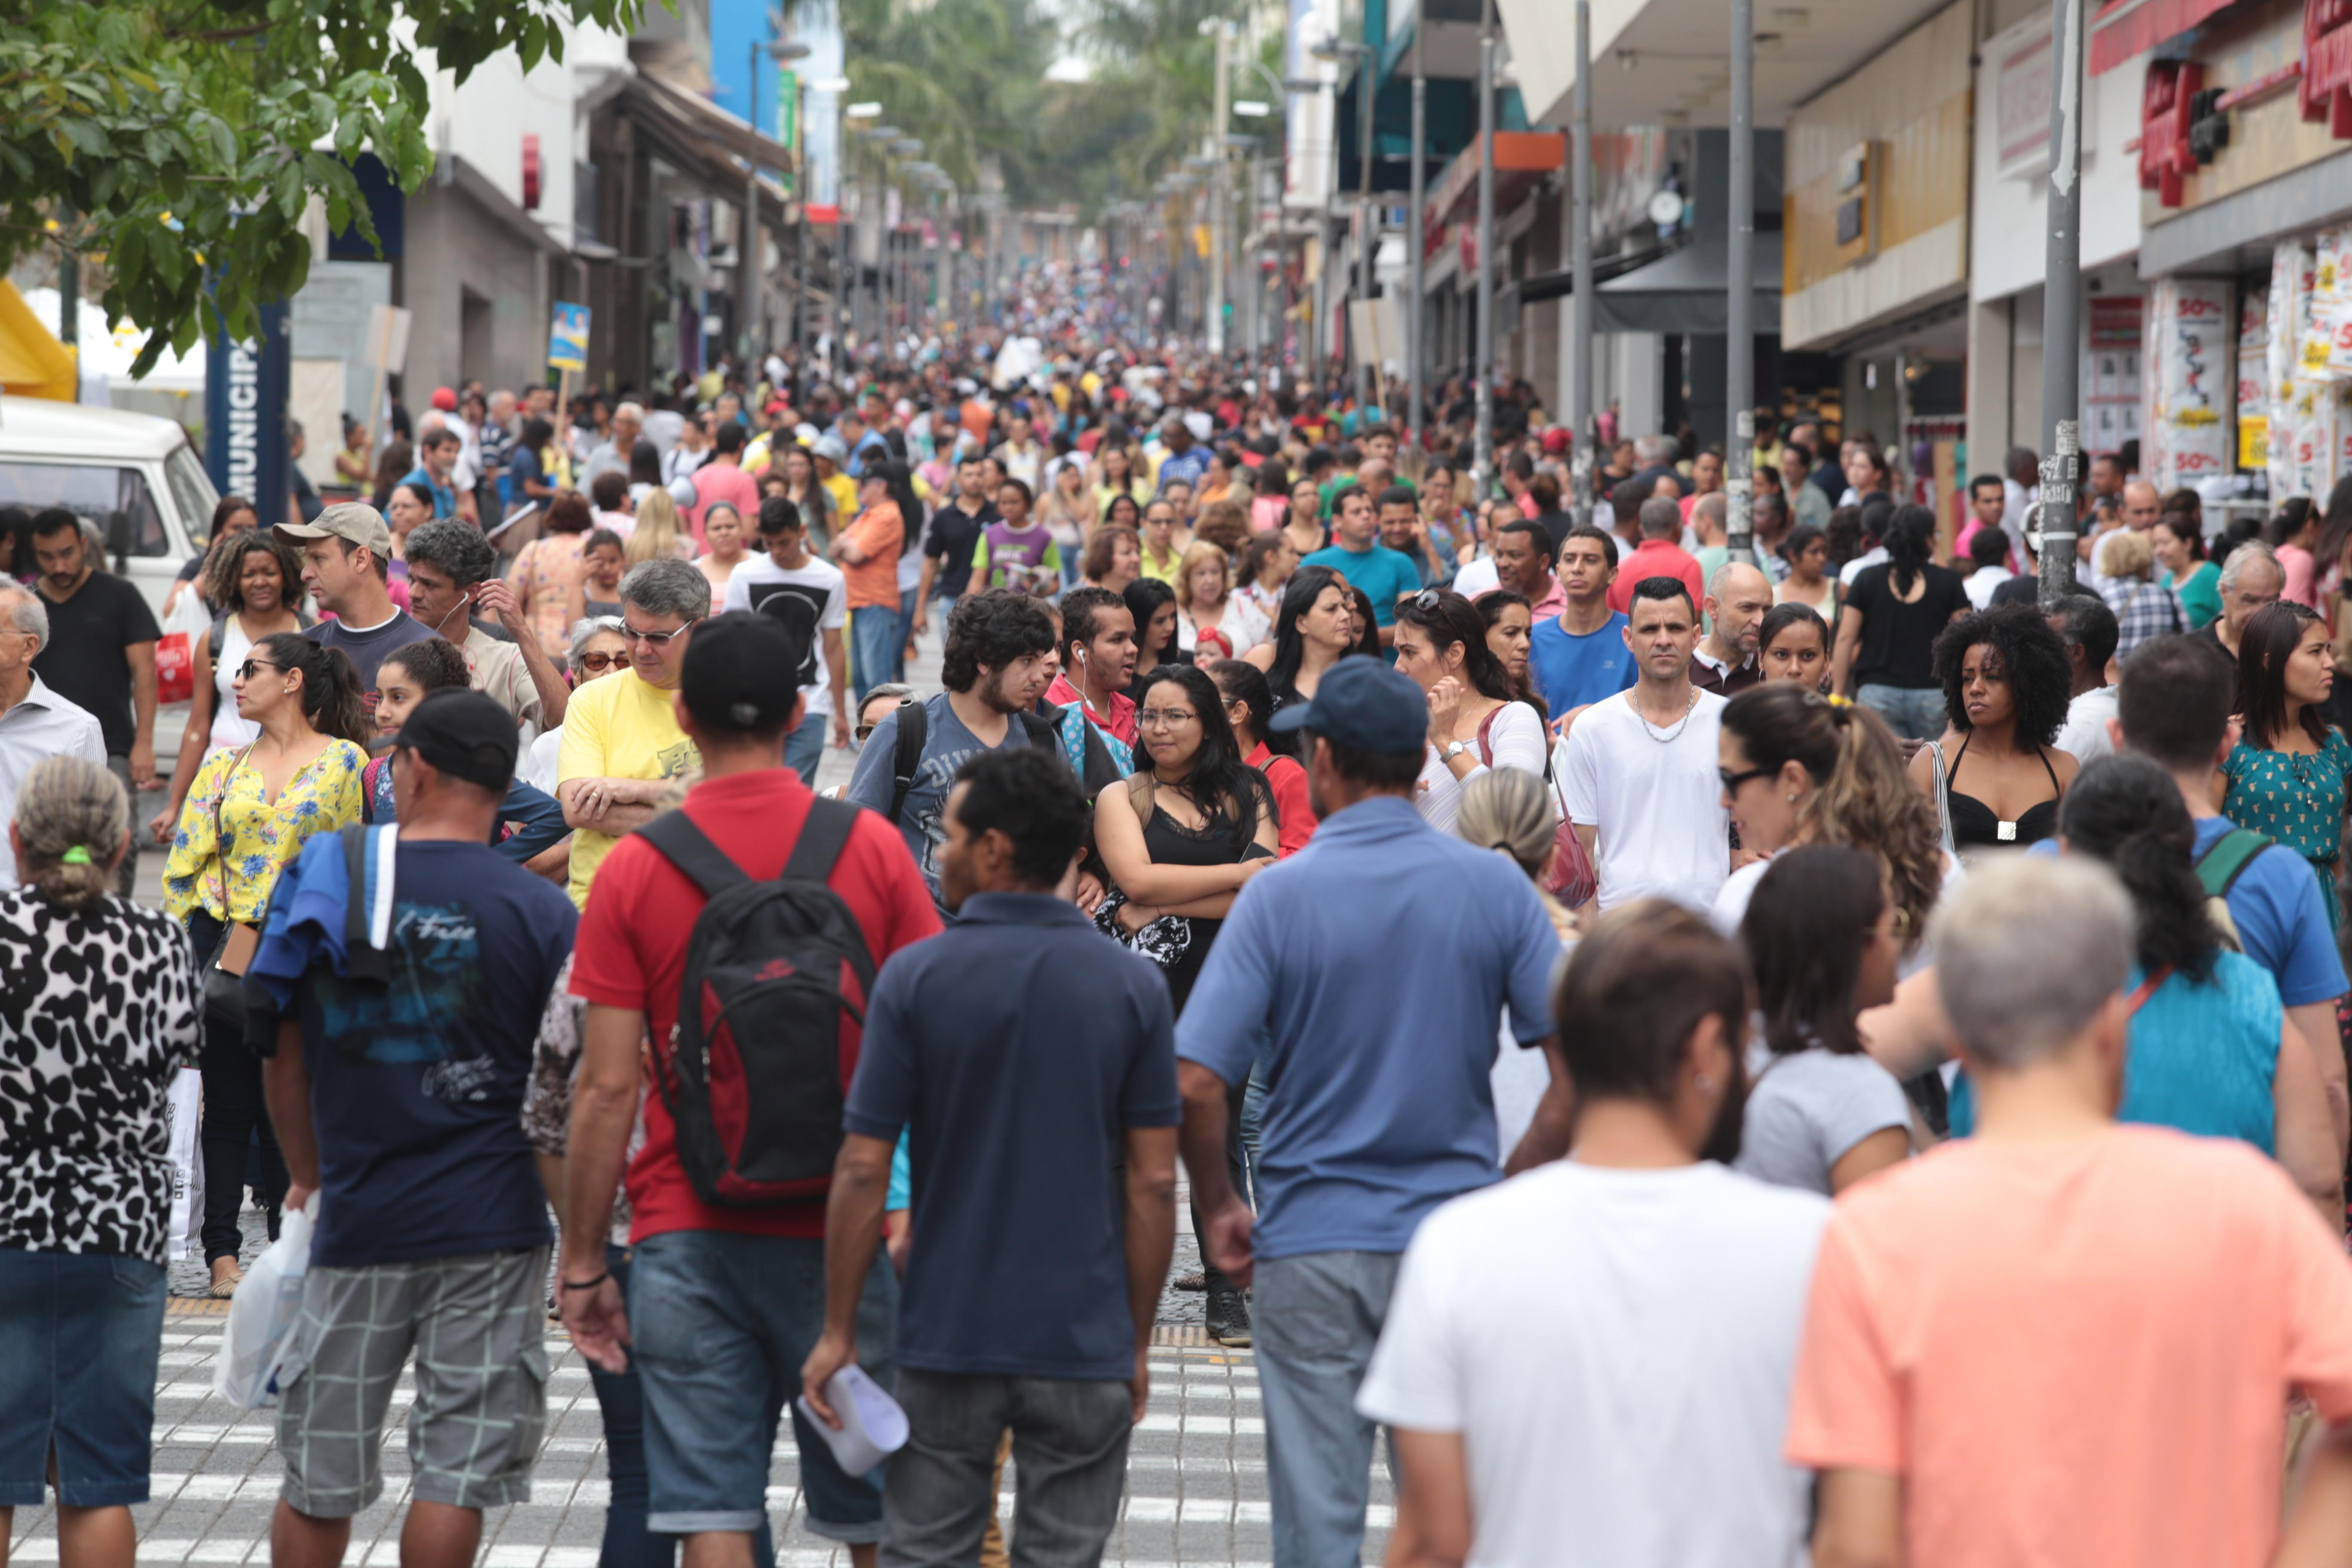 Vendas do varejo no Dia dos Pais faturam R$ 280 milhões a menos que em 2016